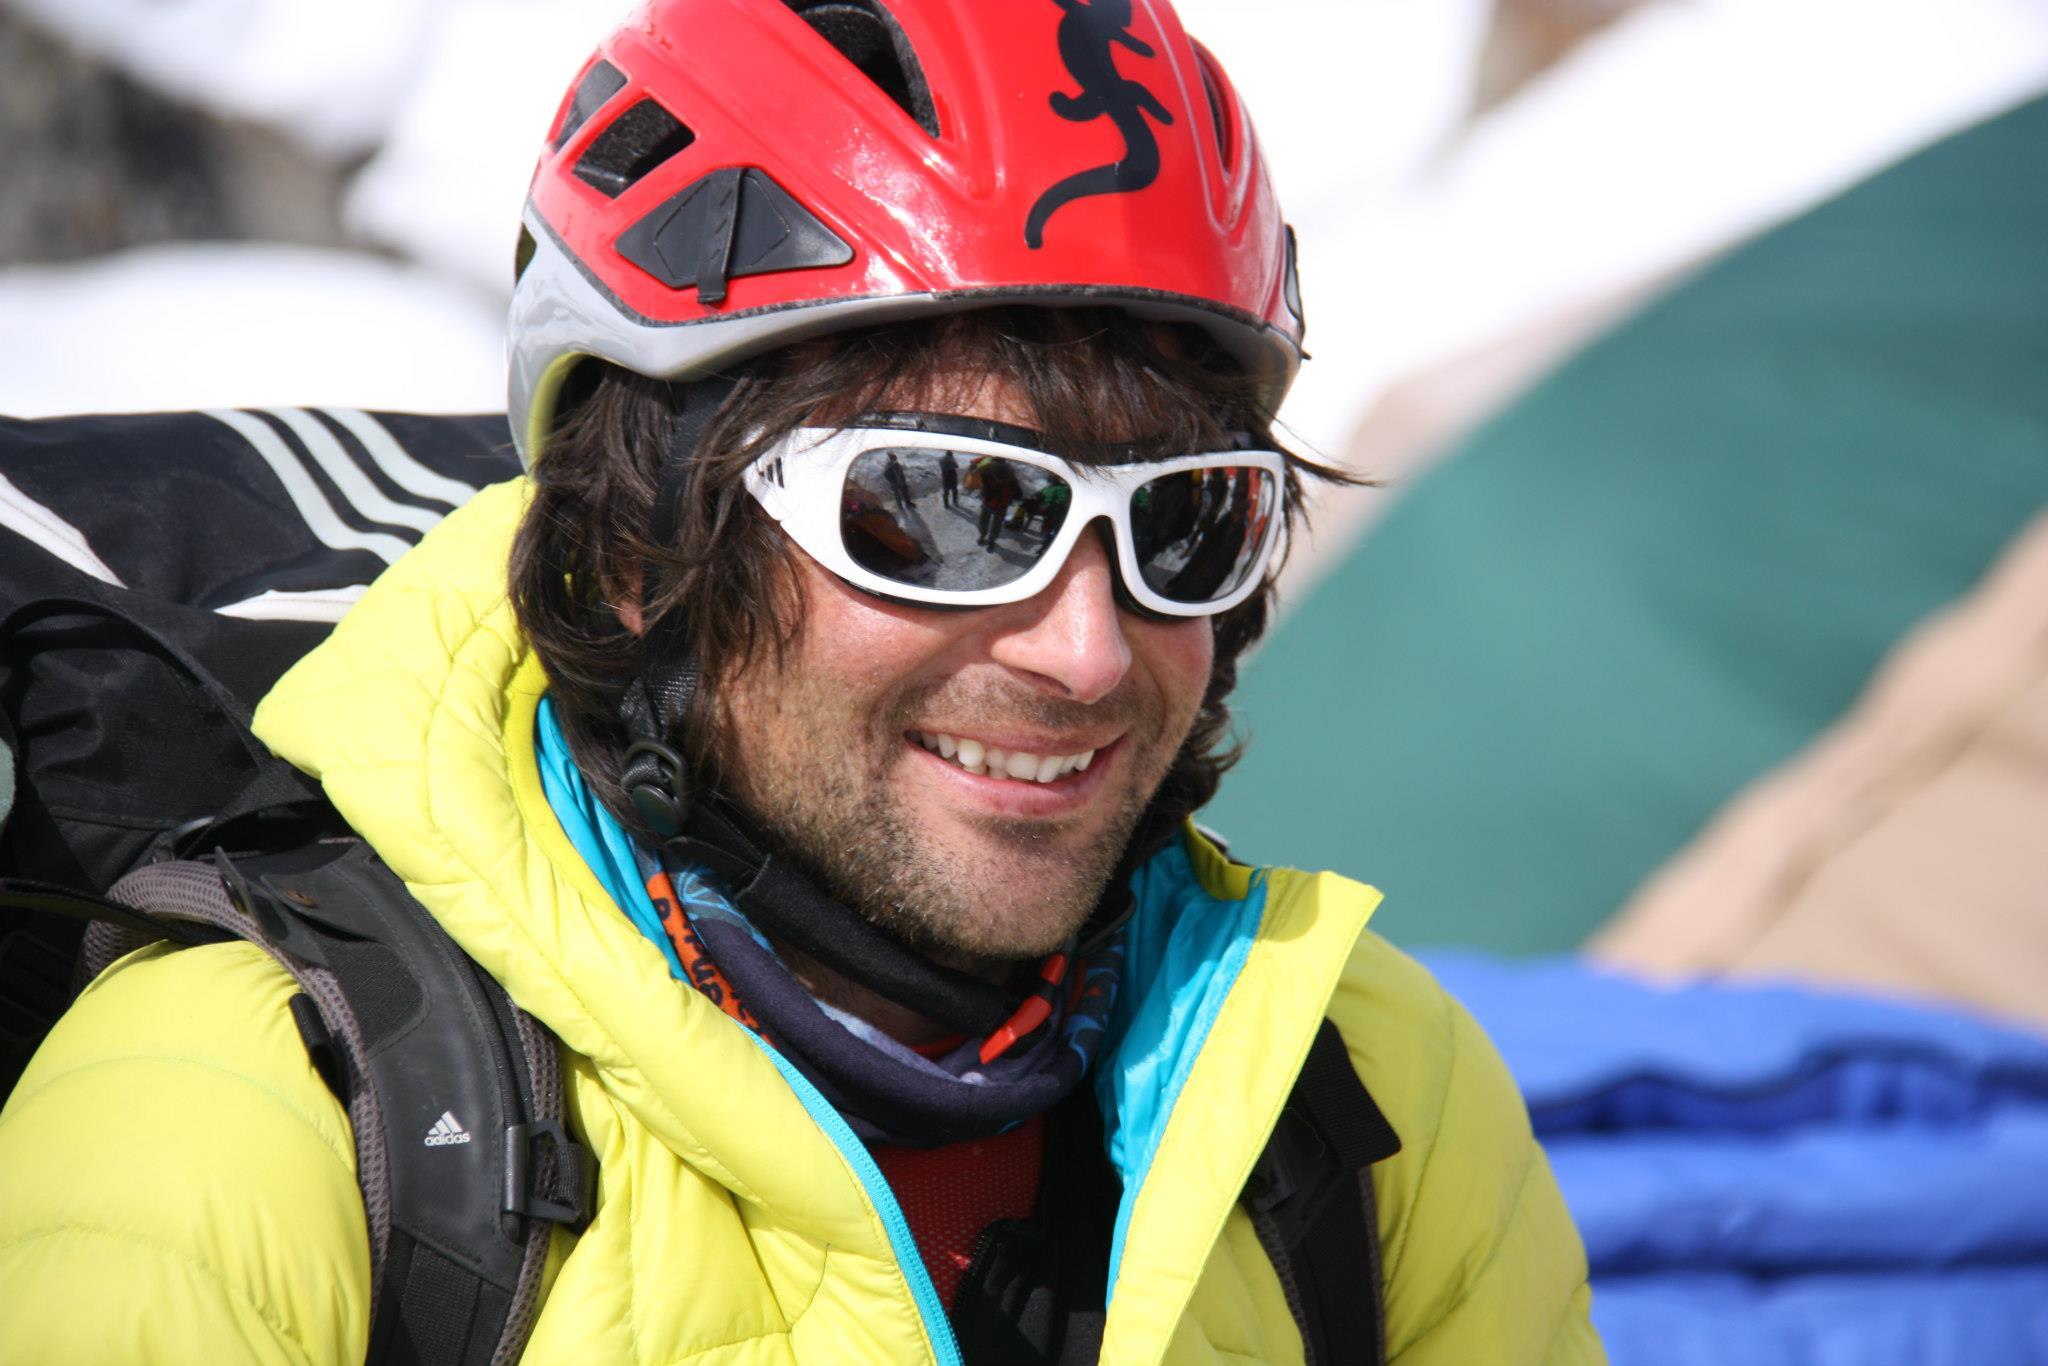 Alex Txikon. Laila Peak